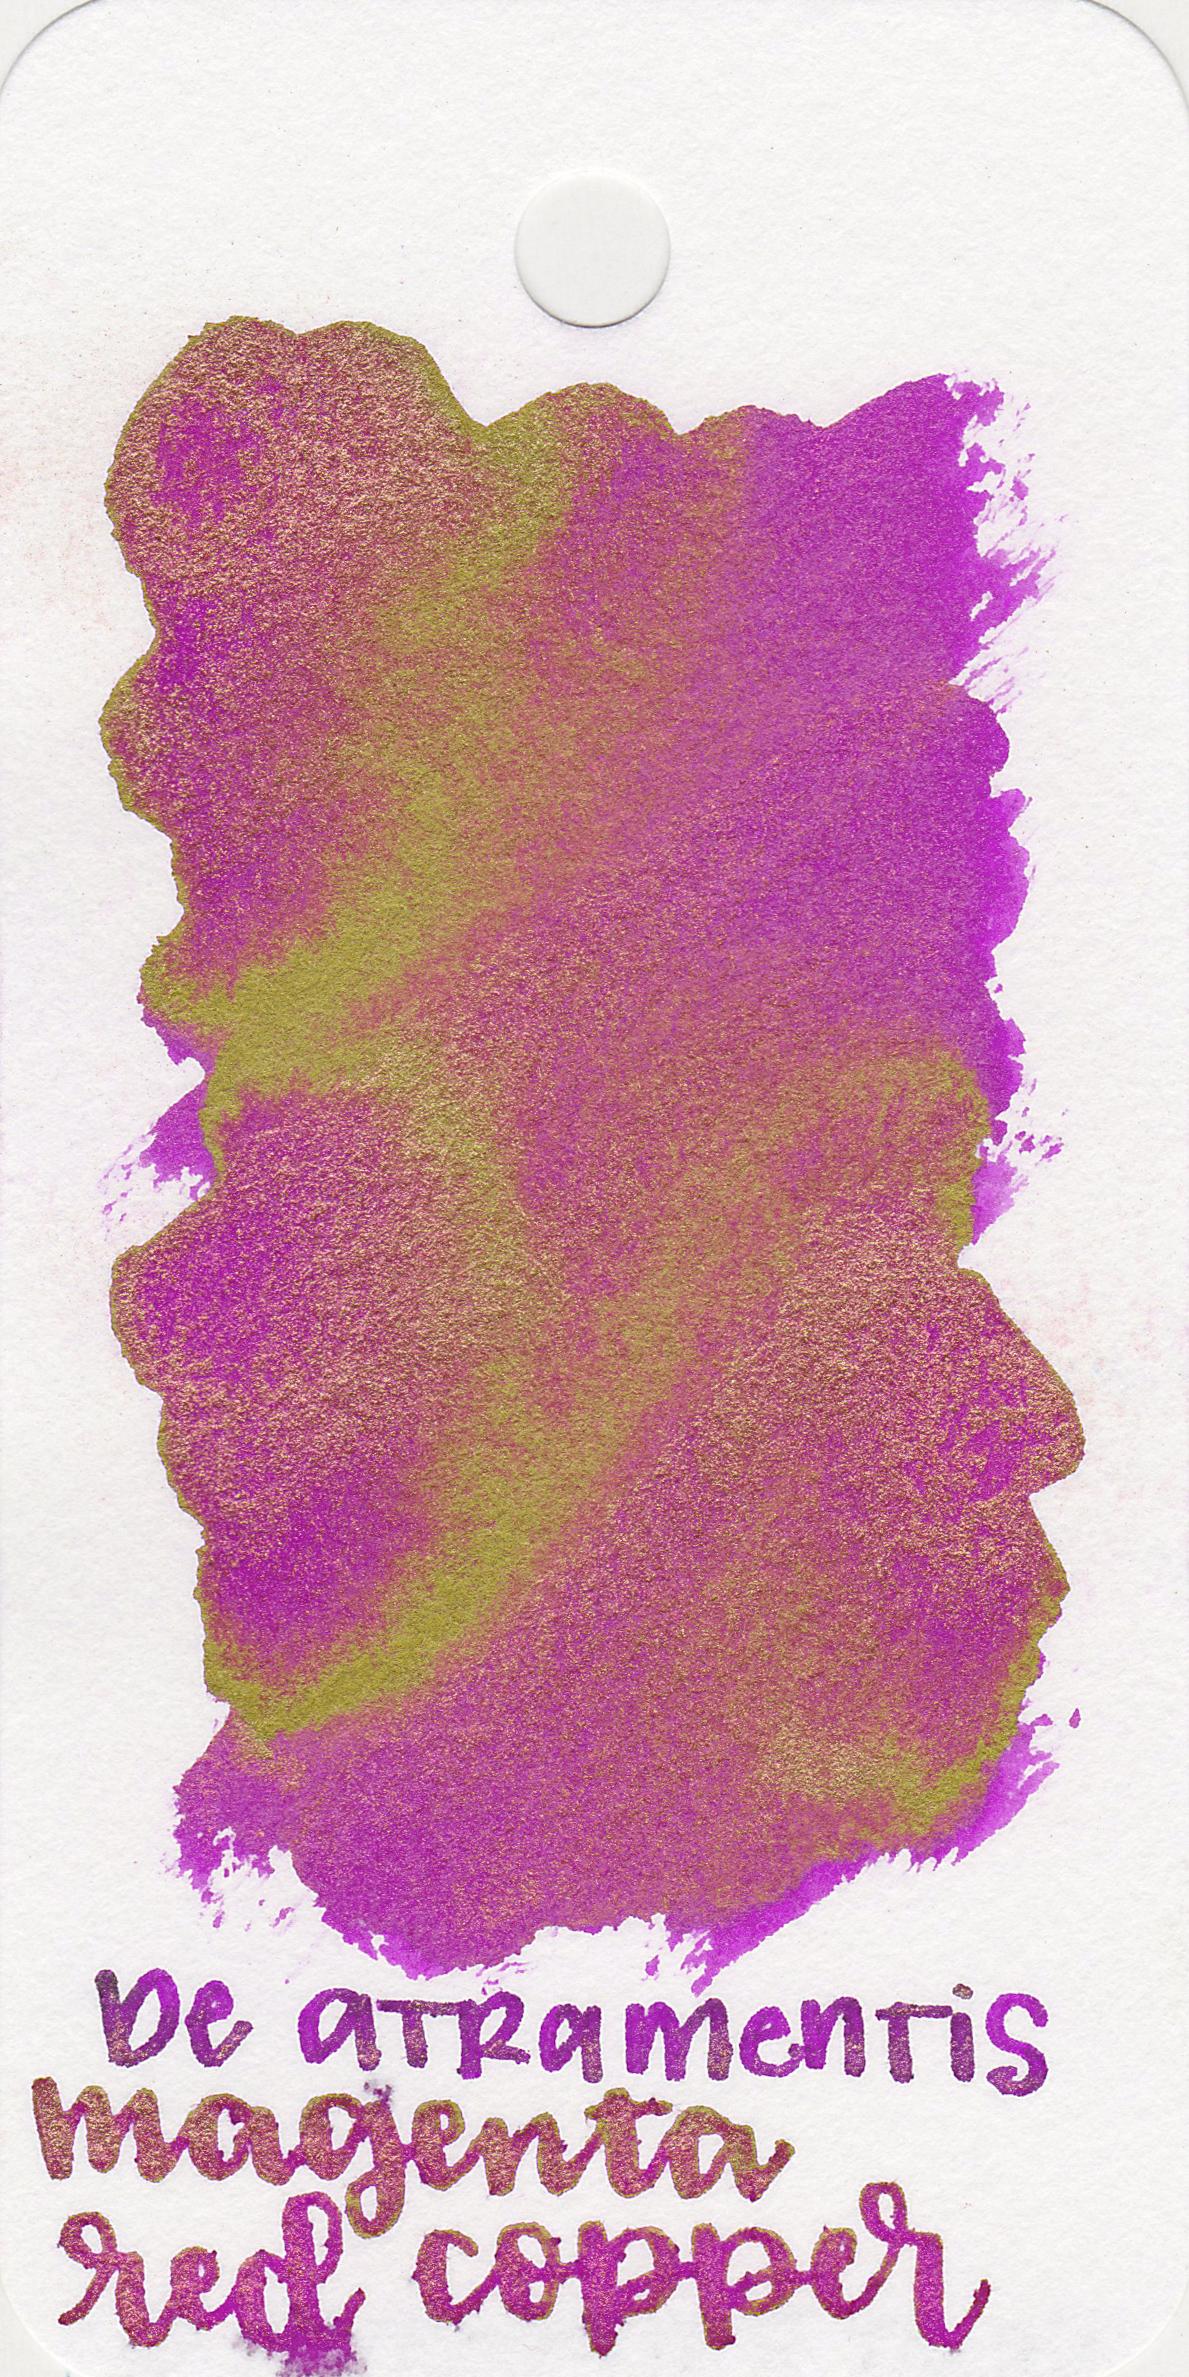 da-magenta-red-copper-1.jpg